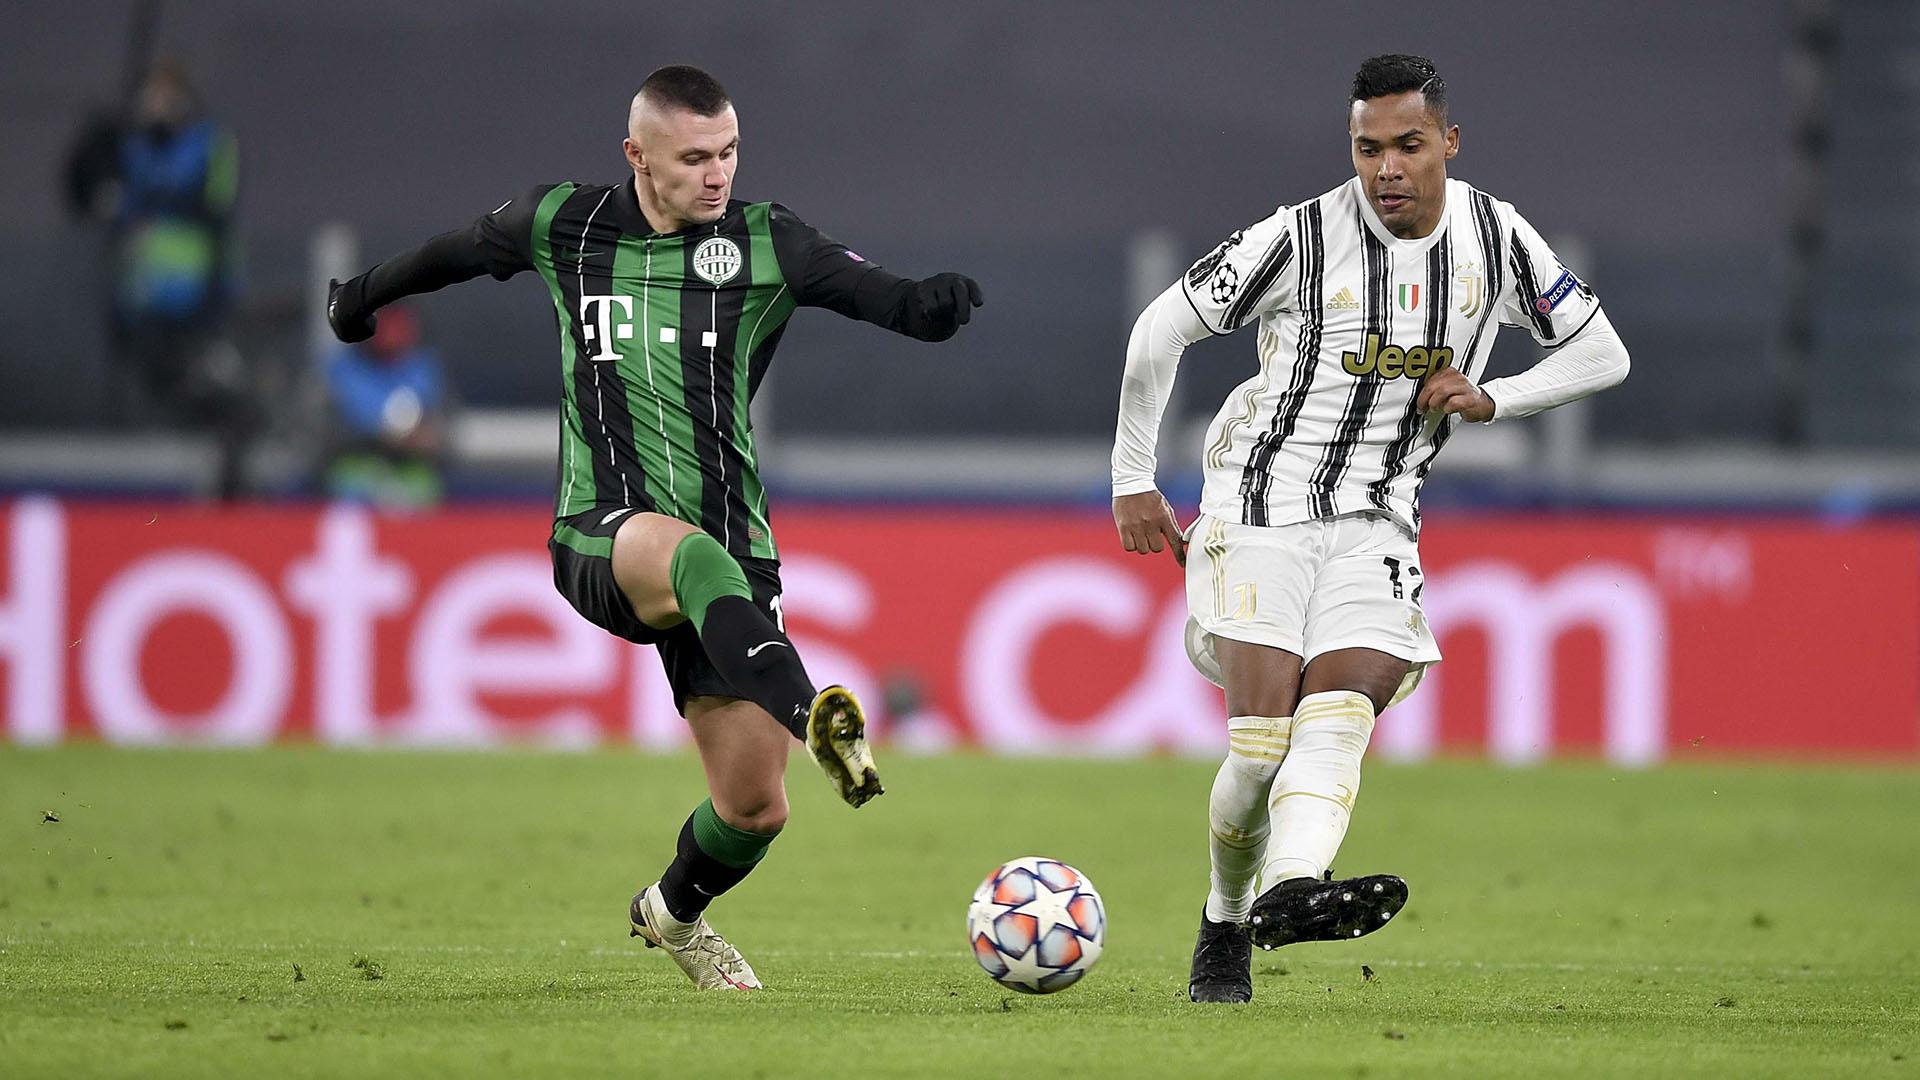 Champions League: Juventus-Ferencvaros 2-1, le foto - Con un gol di Morata  nei minuti di recupero i bianconeri battono la squadra ungherese e si  qualificano per gli ottavi di finale | Virgilio Sport